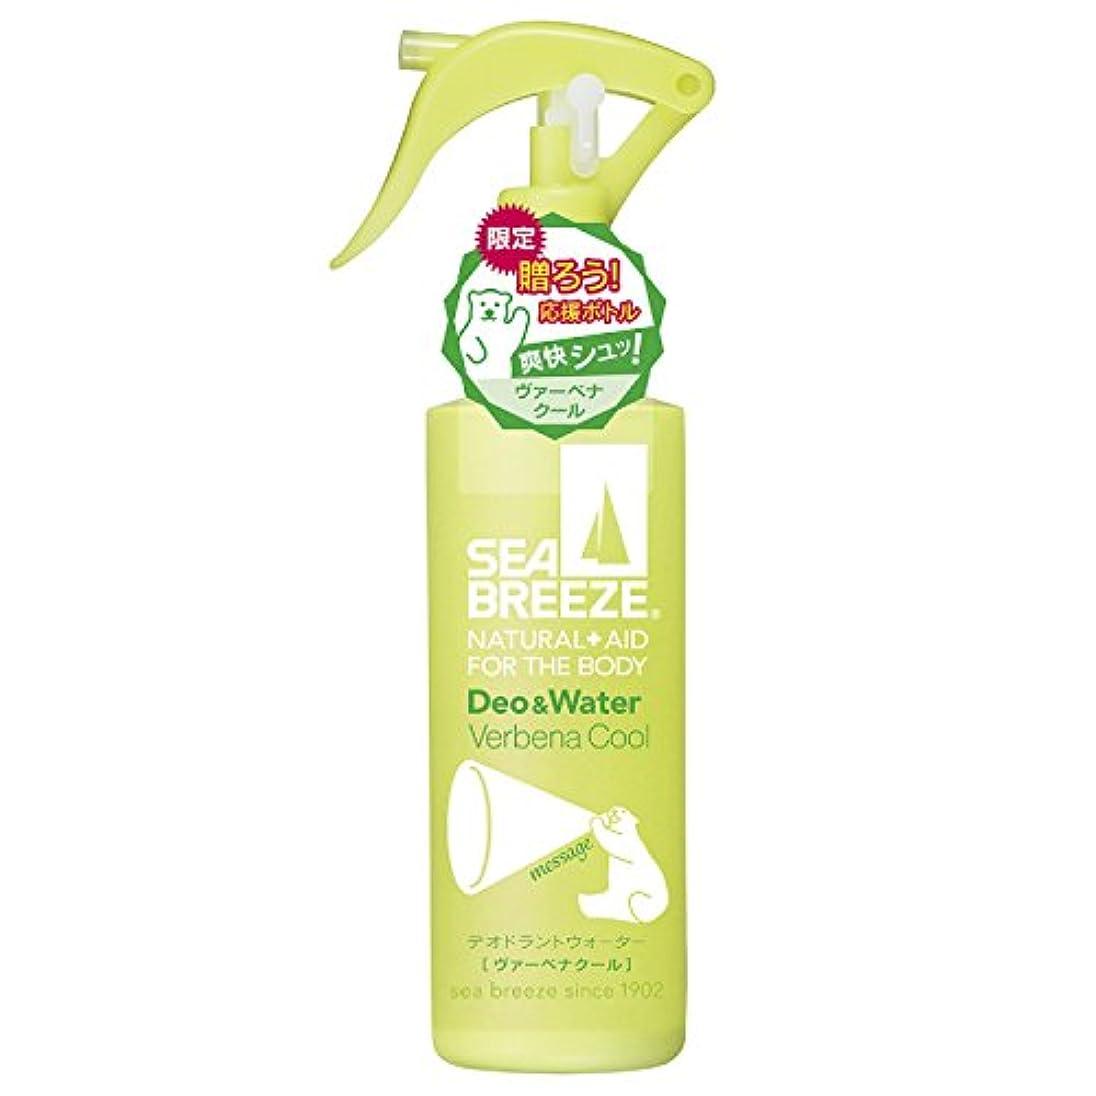 受付原理区別するシーブリーズ デオ&ウォーター トリガータイプ ヴァーベナクールの香り 160ml